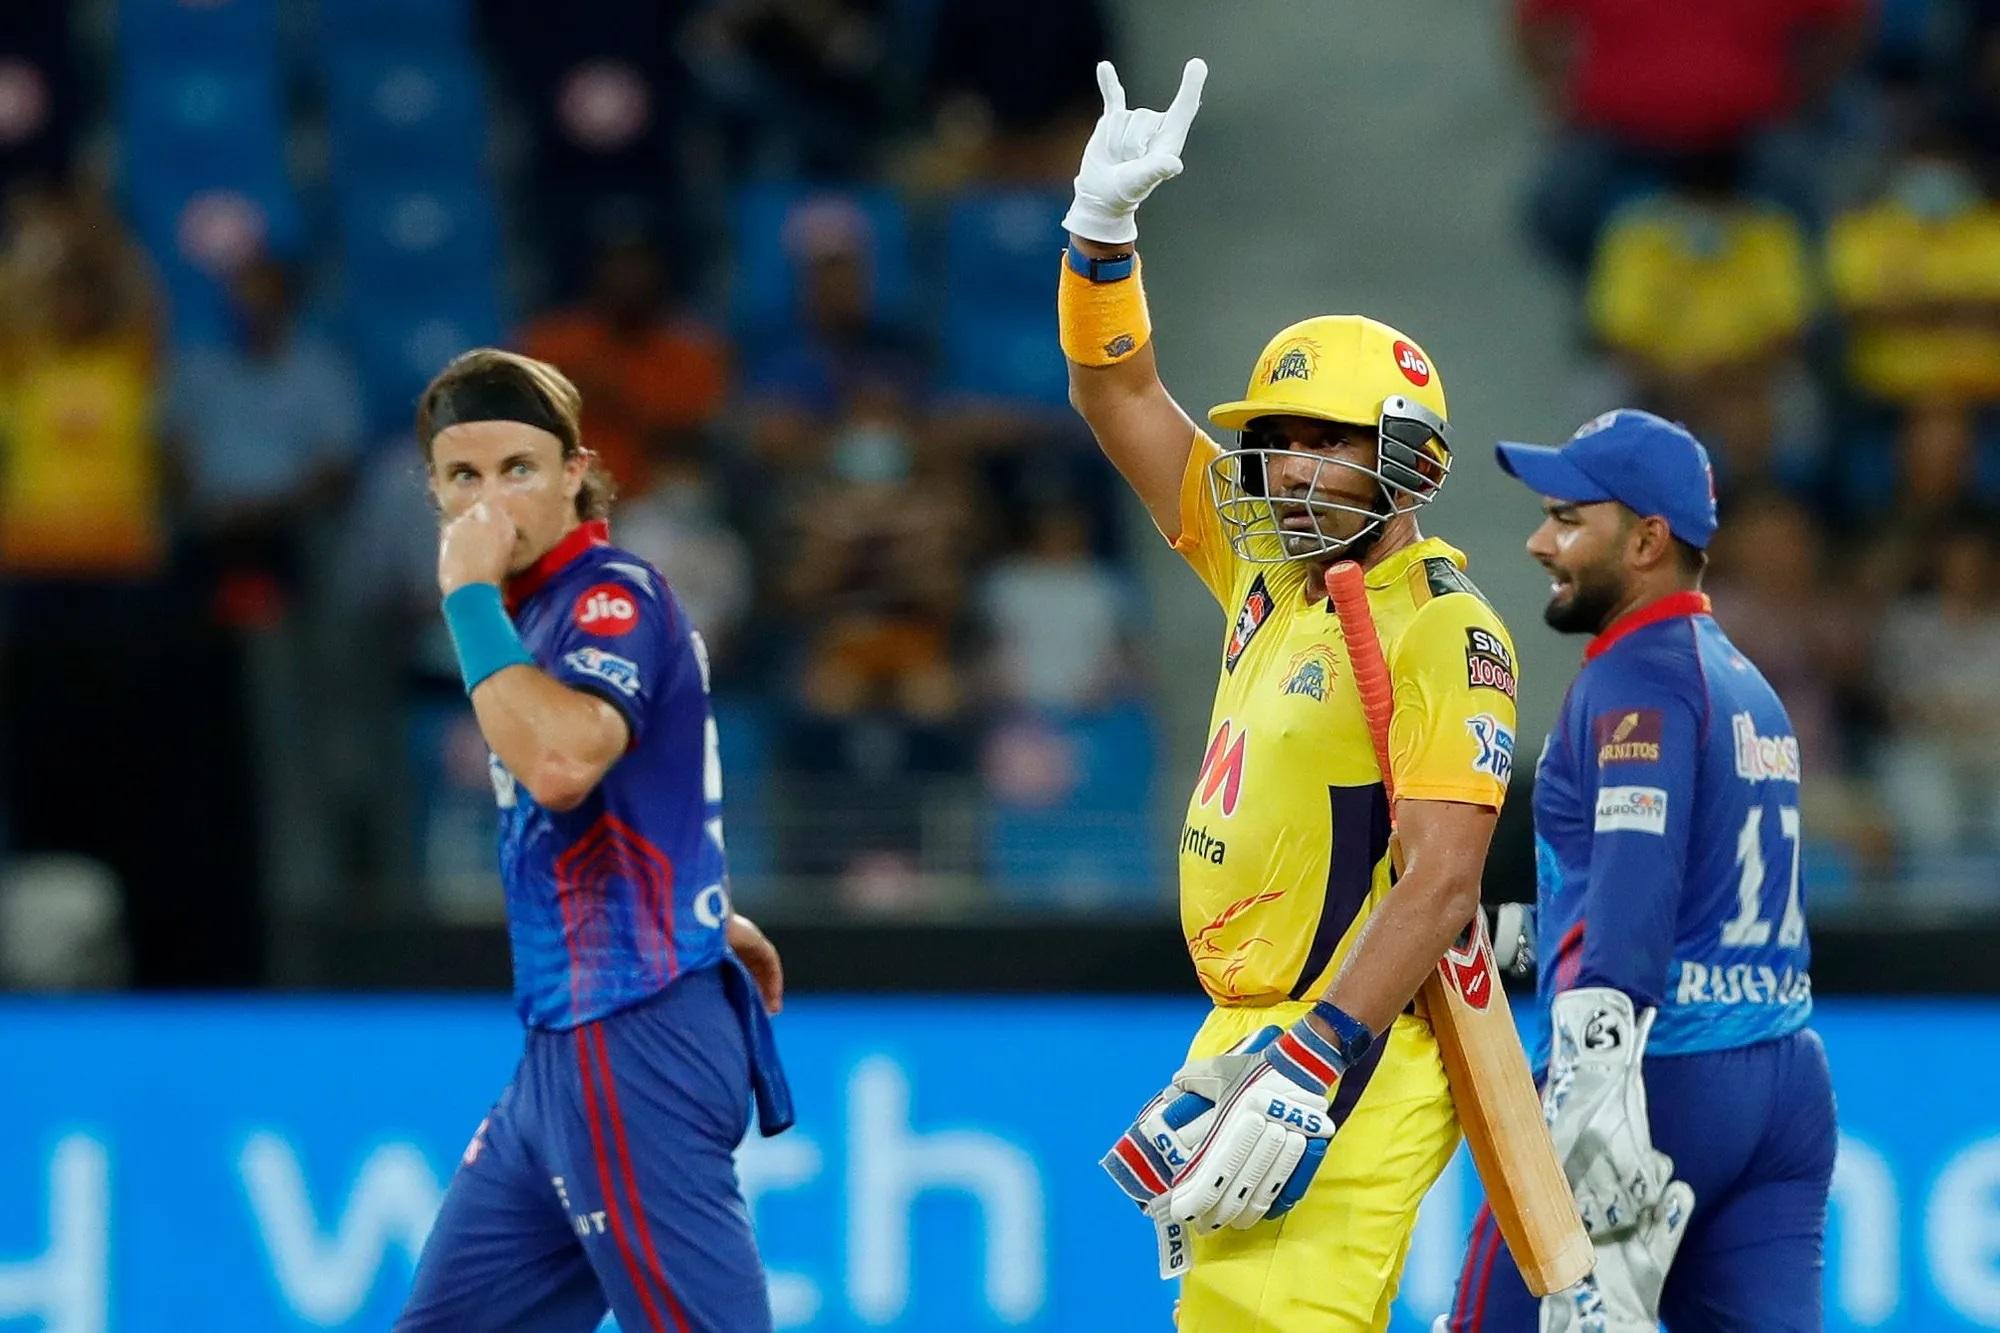 इस बल्लेबाज की 44 गेंद में 63 रन की एक बेहद काम की पारी धोनी के स्मार्टनेस का नतीजा है। नाम है रॉबिन उथप्पा। 2007 के वर्ल्डकप में ये धोनी के साथ थे। इन्हें धोनी ने रैना को बाहर कर के खिलाया और जरूरी मैच में नंबर तीन पर उतारा, जबकि उनके पास नंबर तीन के इन फॉर्म बल्लेबाज अंबाती रायडू थे। धोनी का ये फैसला एकदम सटीक बैठा। उथप्पा ने गायकवाड़ के साथ मिलकर 100 रन से ज्यादा की पार्टनरशिप कर डाली। उन्होंने आवेश खान के एक ओवर में 2 चौके और 2 छक्के की मदद से 20 रन भी ठोके।